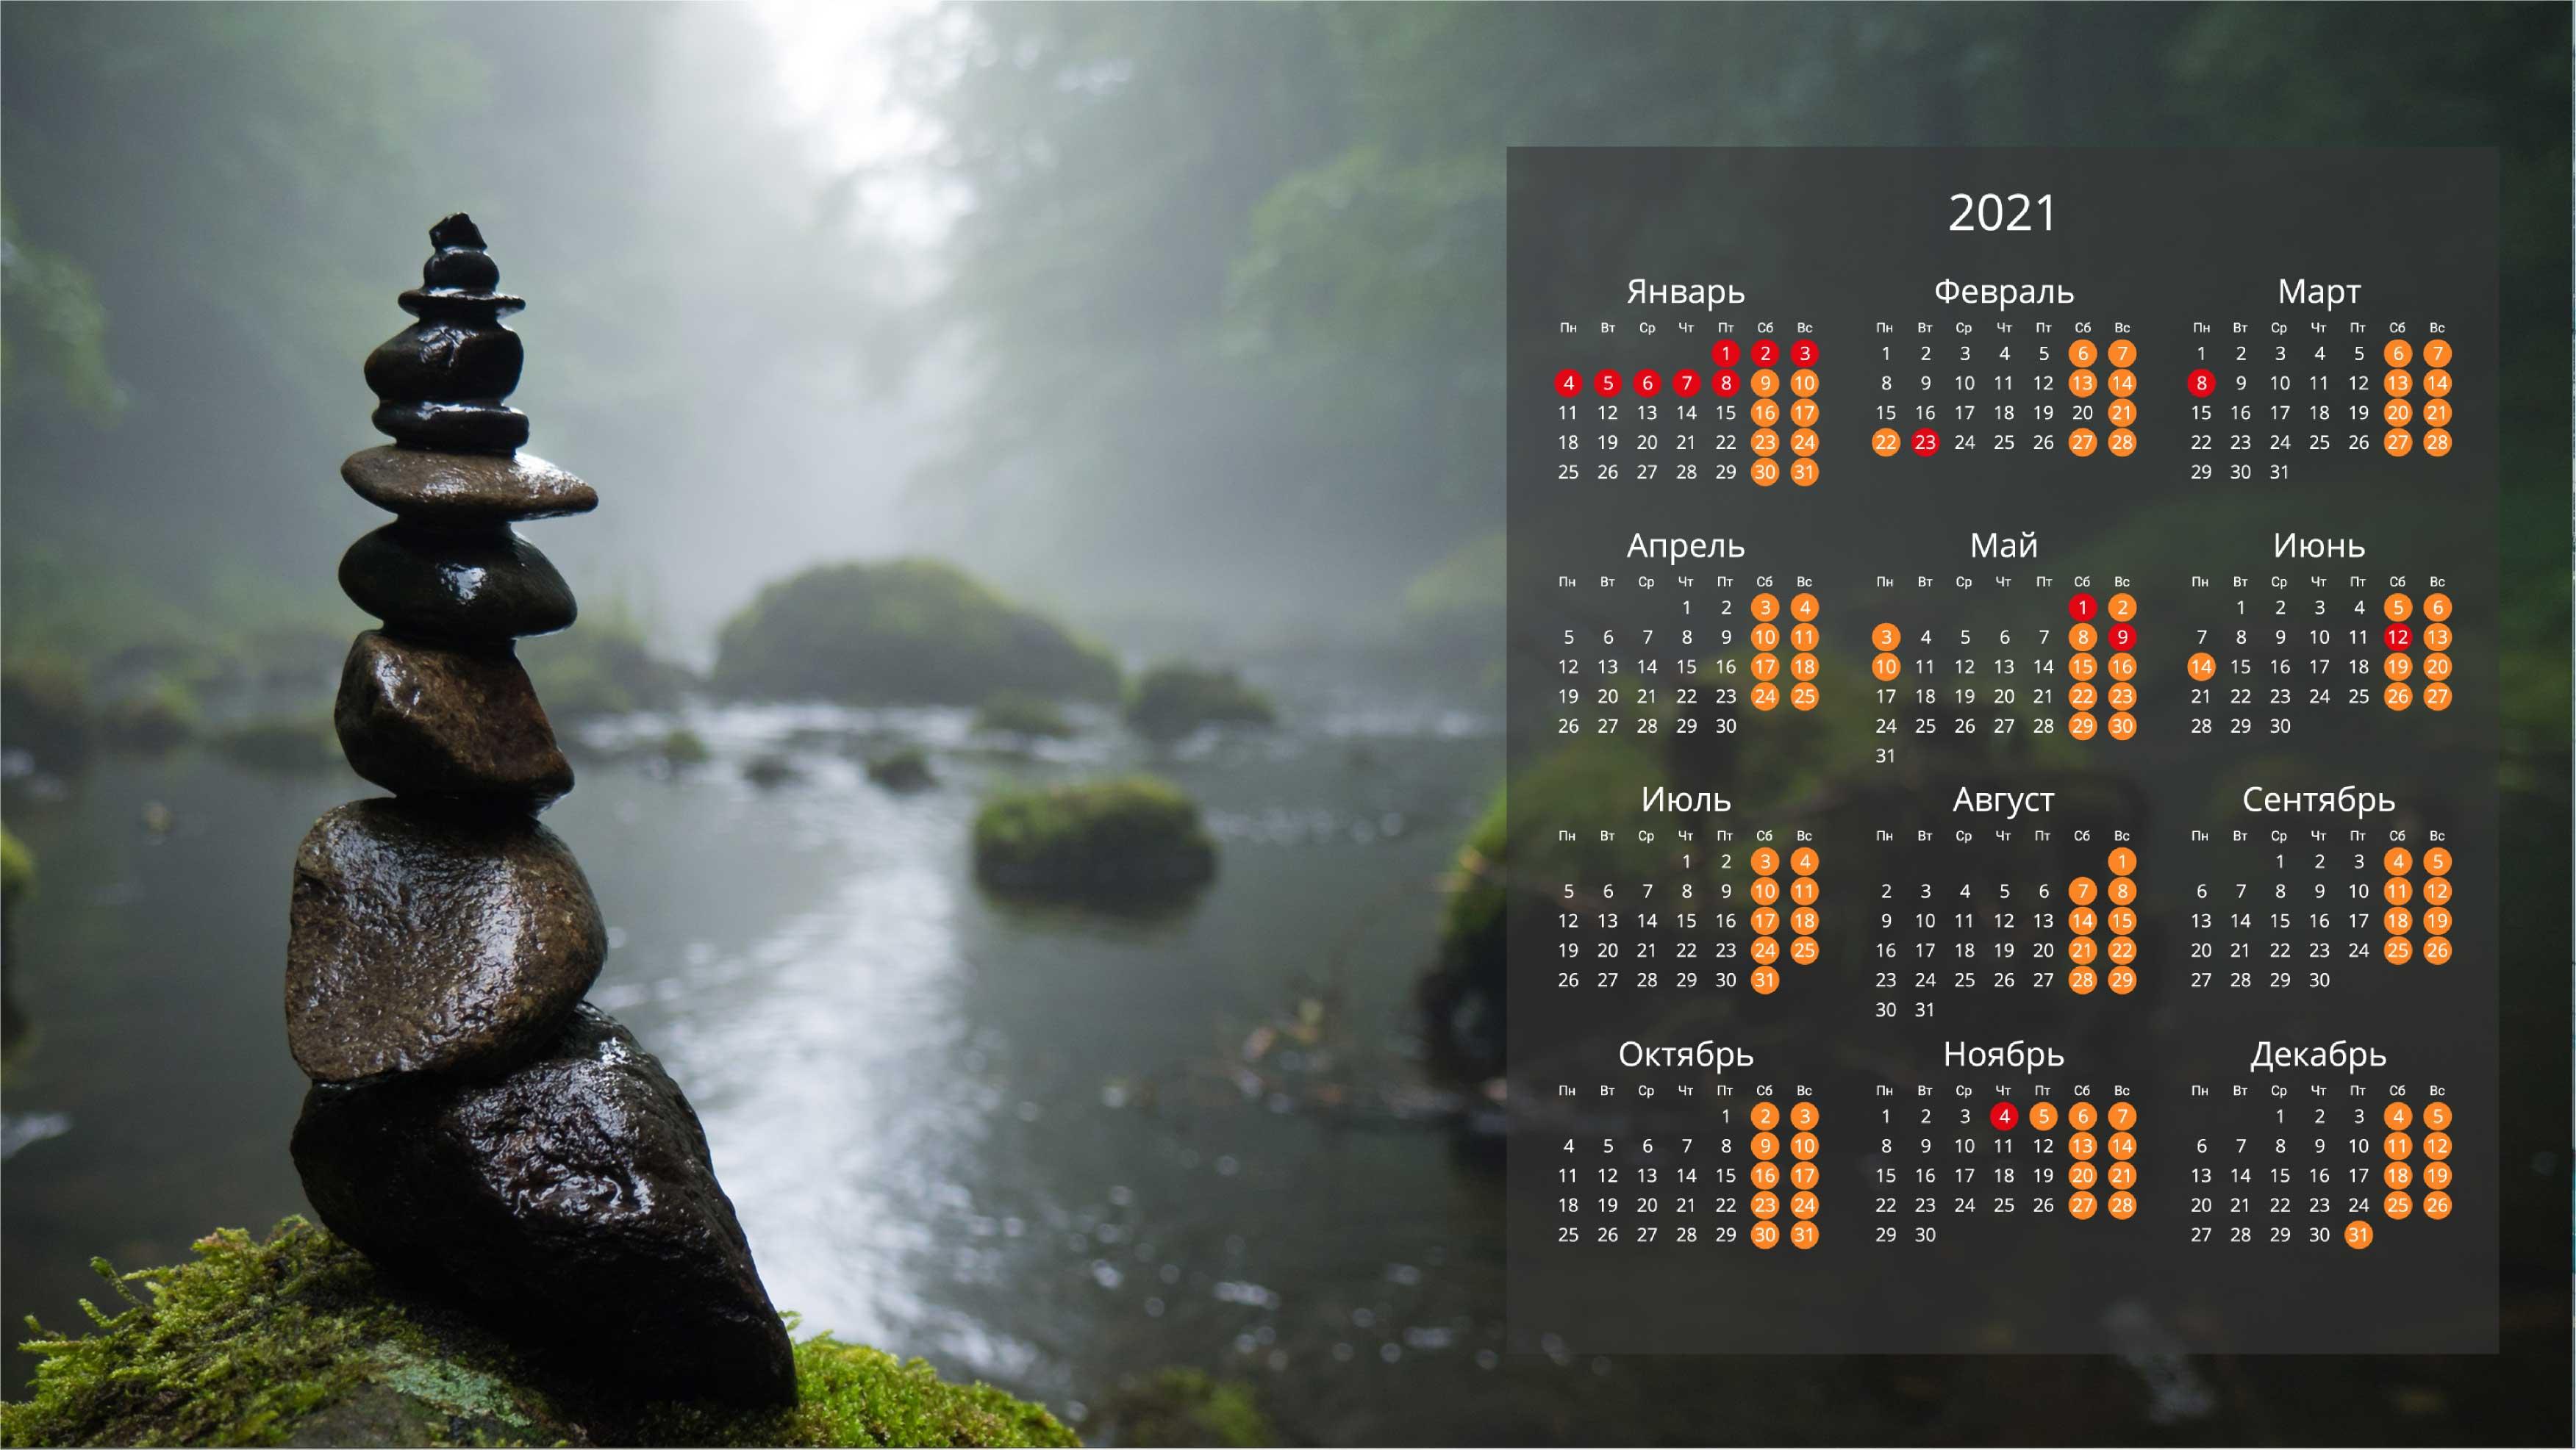 Обои на рабочий стол с календарем 2021 года (12)